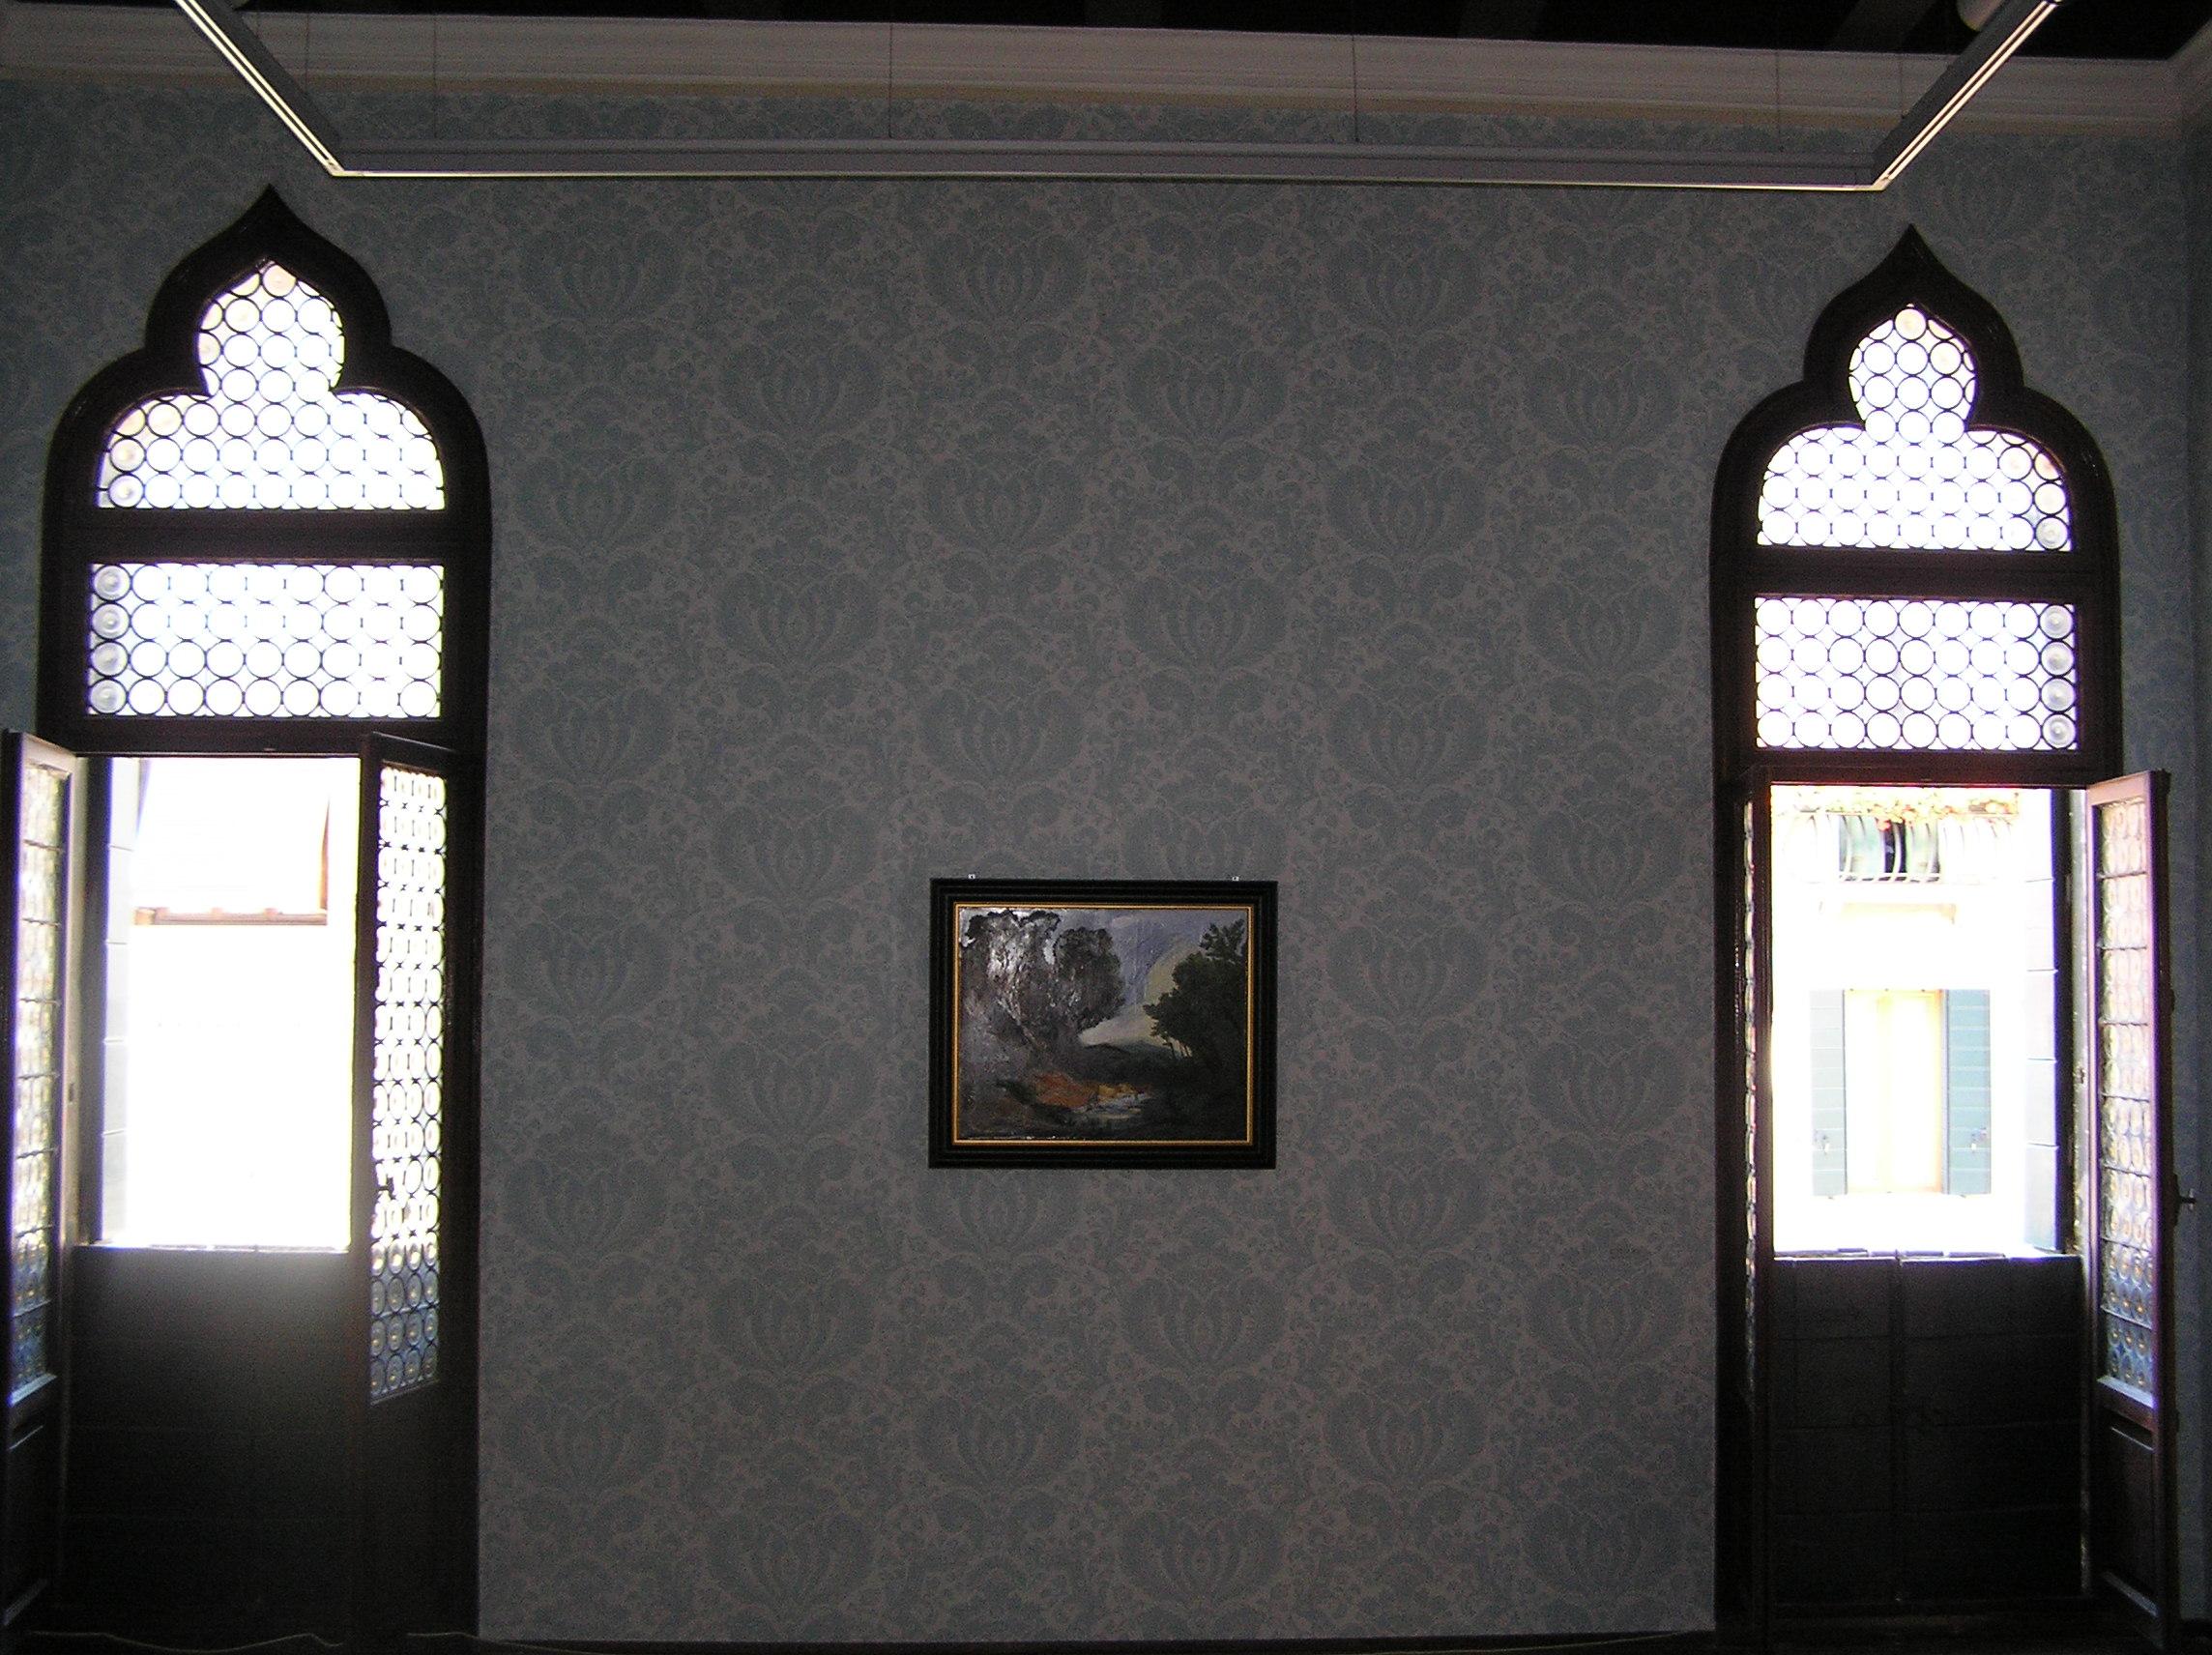 sala di palazzetto tito decorata per una mostra con della carta da parati azzurra a fiori